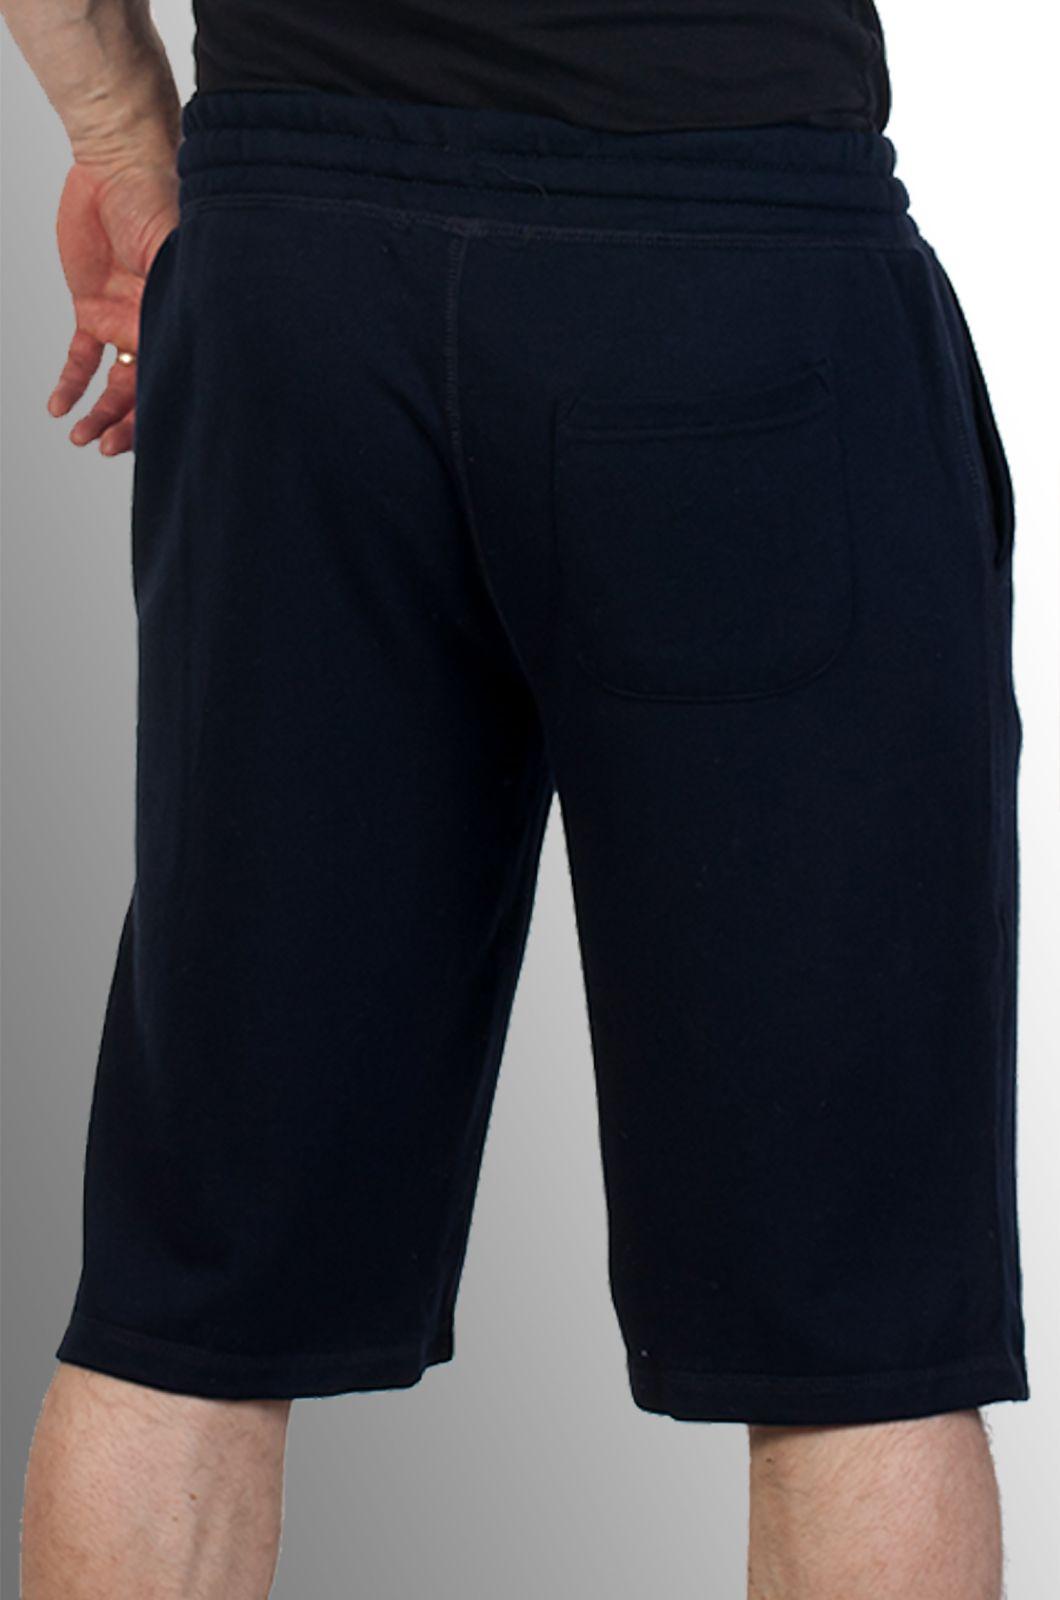 Мужские шорты трикотажные по выгодной цене